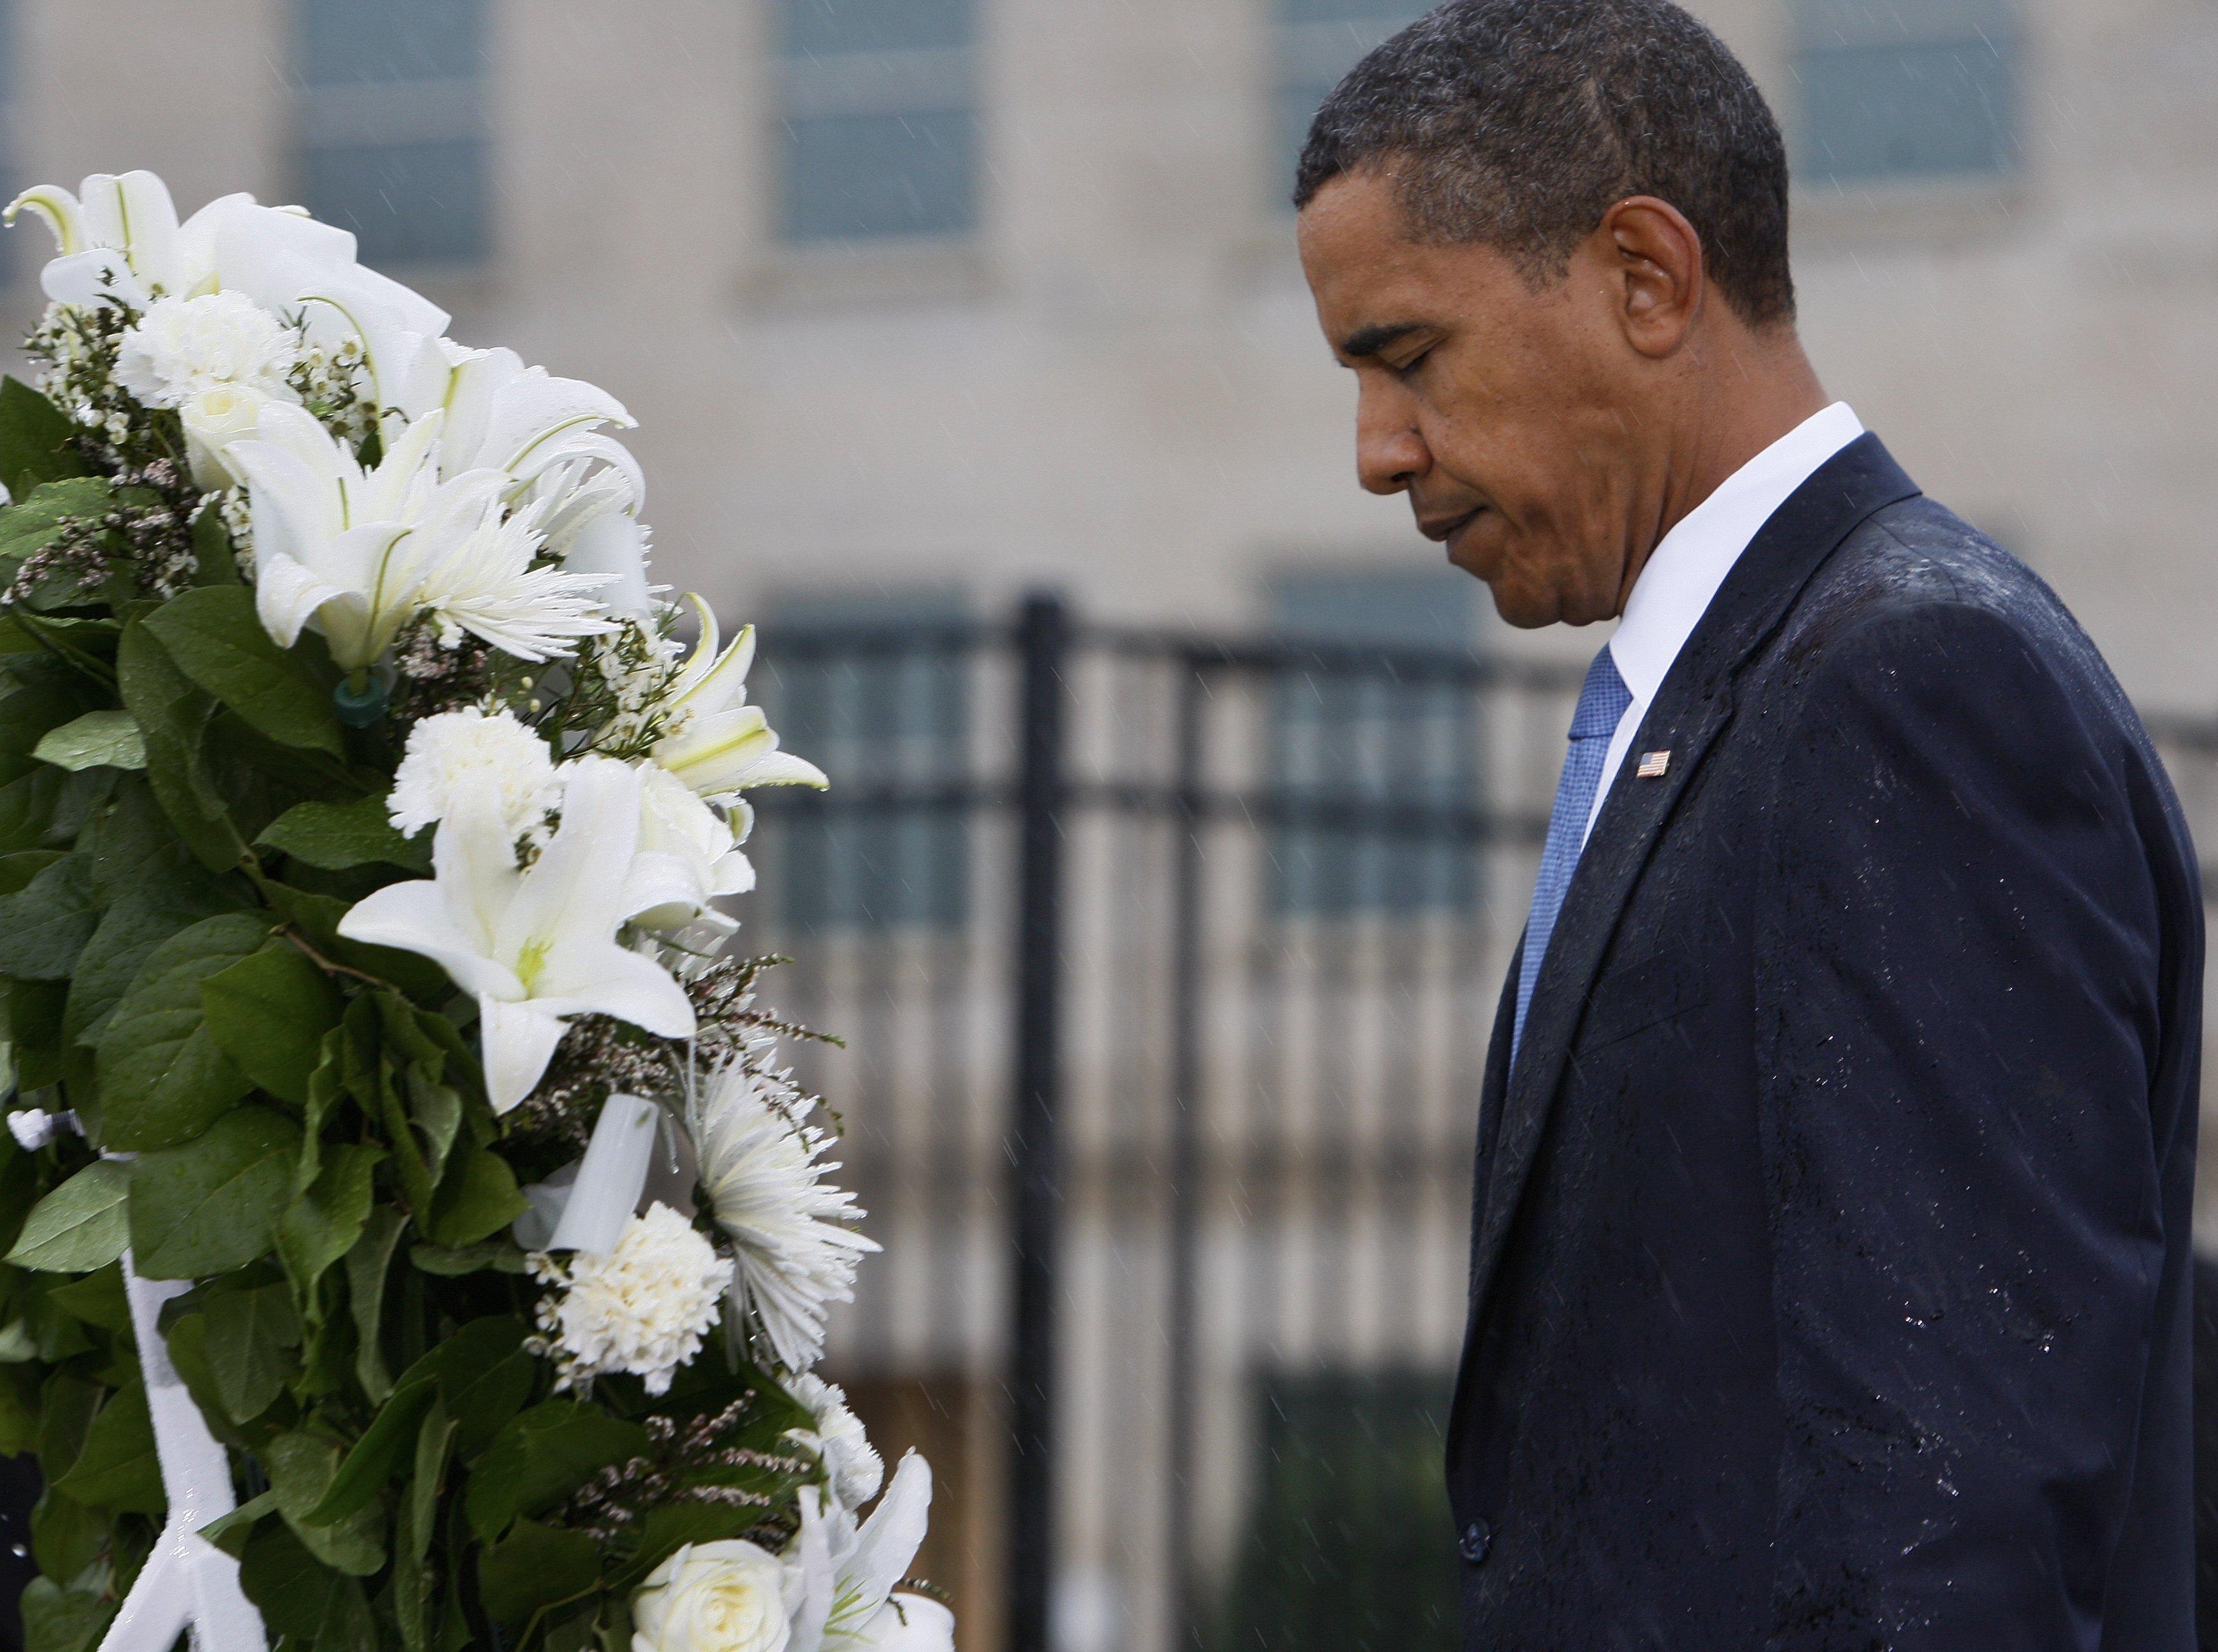 Obama am Pentagon Memorial